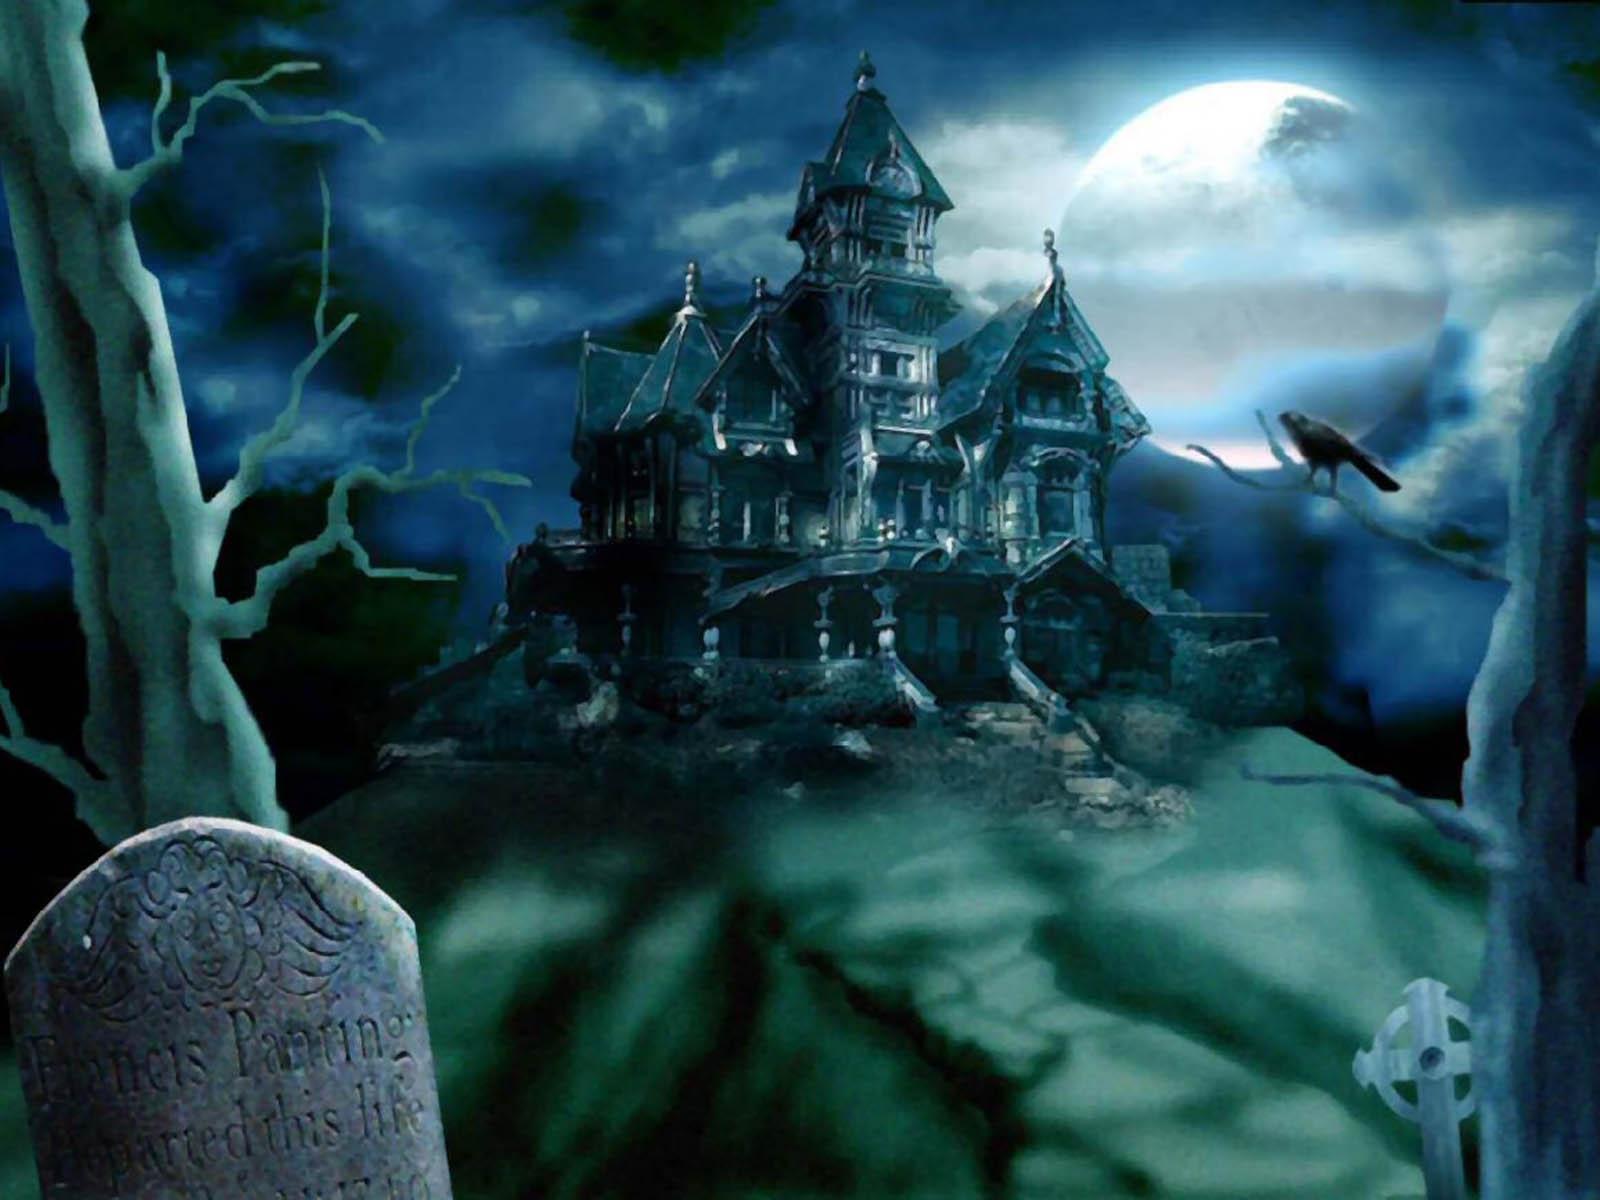 Good Wallpaper Halloween Ghost - Halloween+Wallpapers+1  Image_991665.jpg